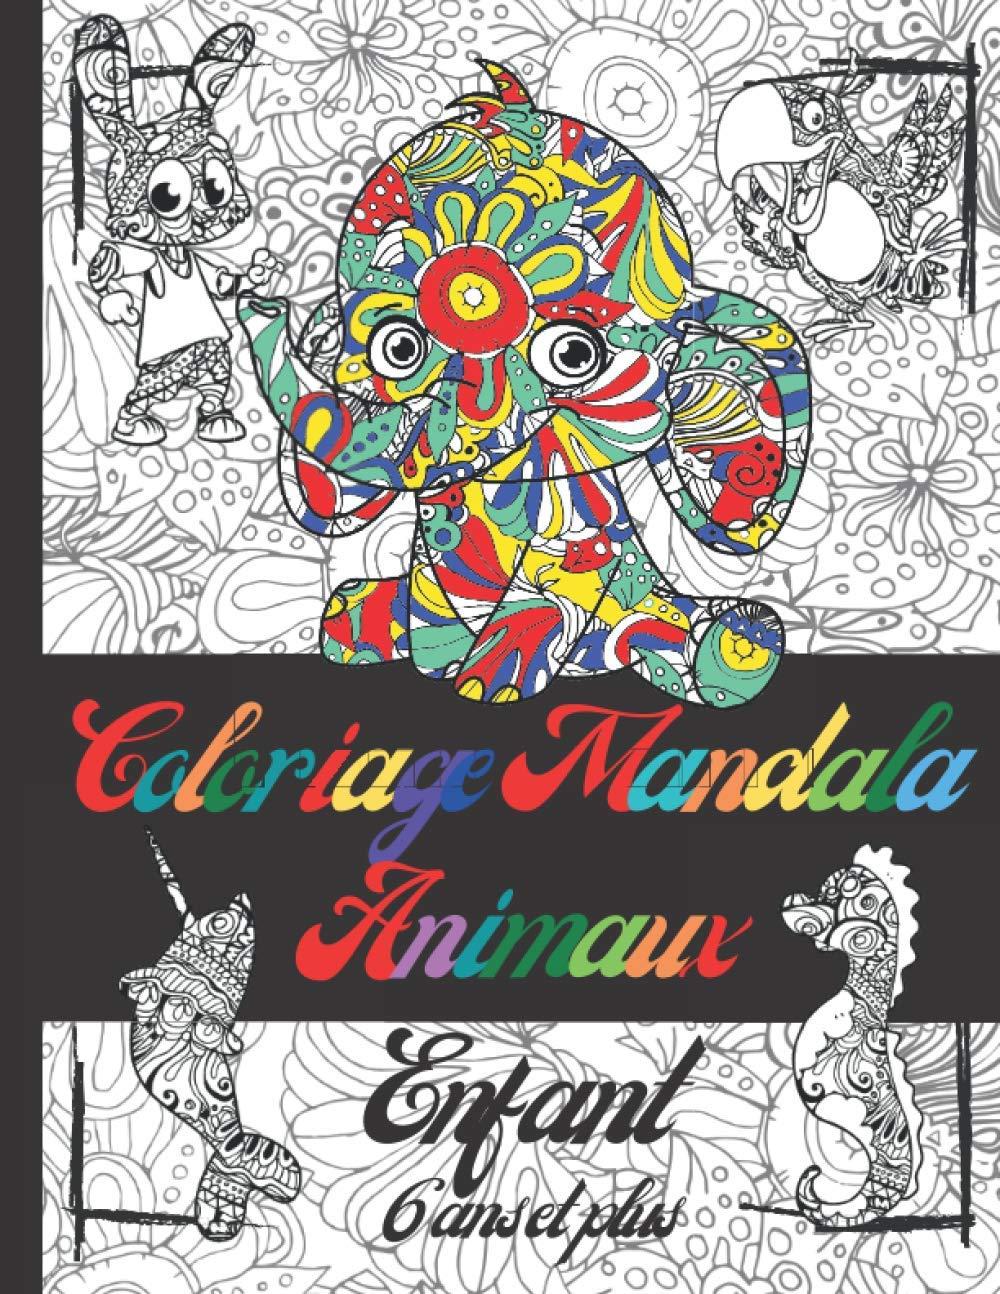 Coloriage Mandala Animaux Enfant 6 Ans Et Plus Livre De Coloriage Mandalas Animaux Pour Les Enfants De 6 Ans Et Plus Coloriage Animaux Fantastiques Fond Noir Grand Format French Edition Publishing